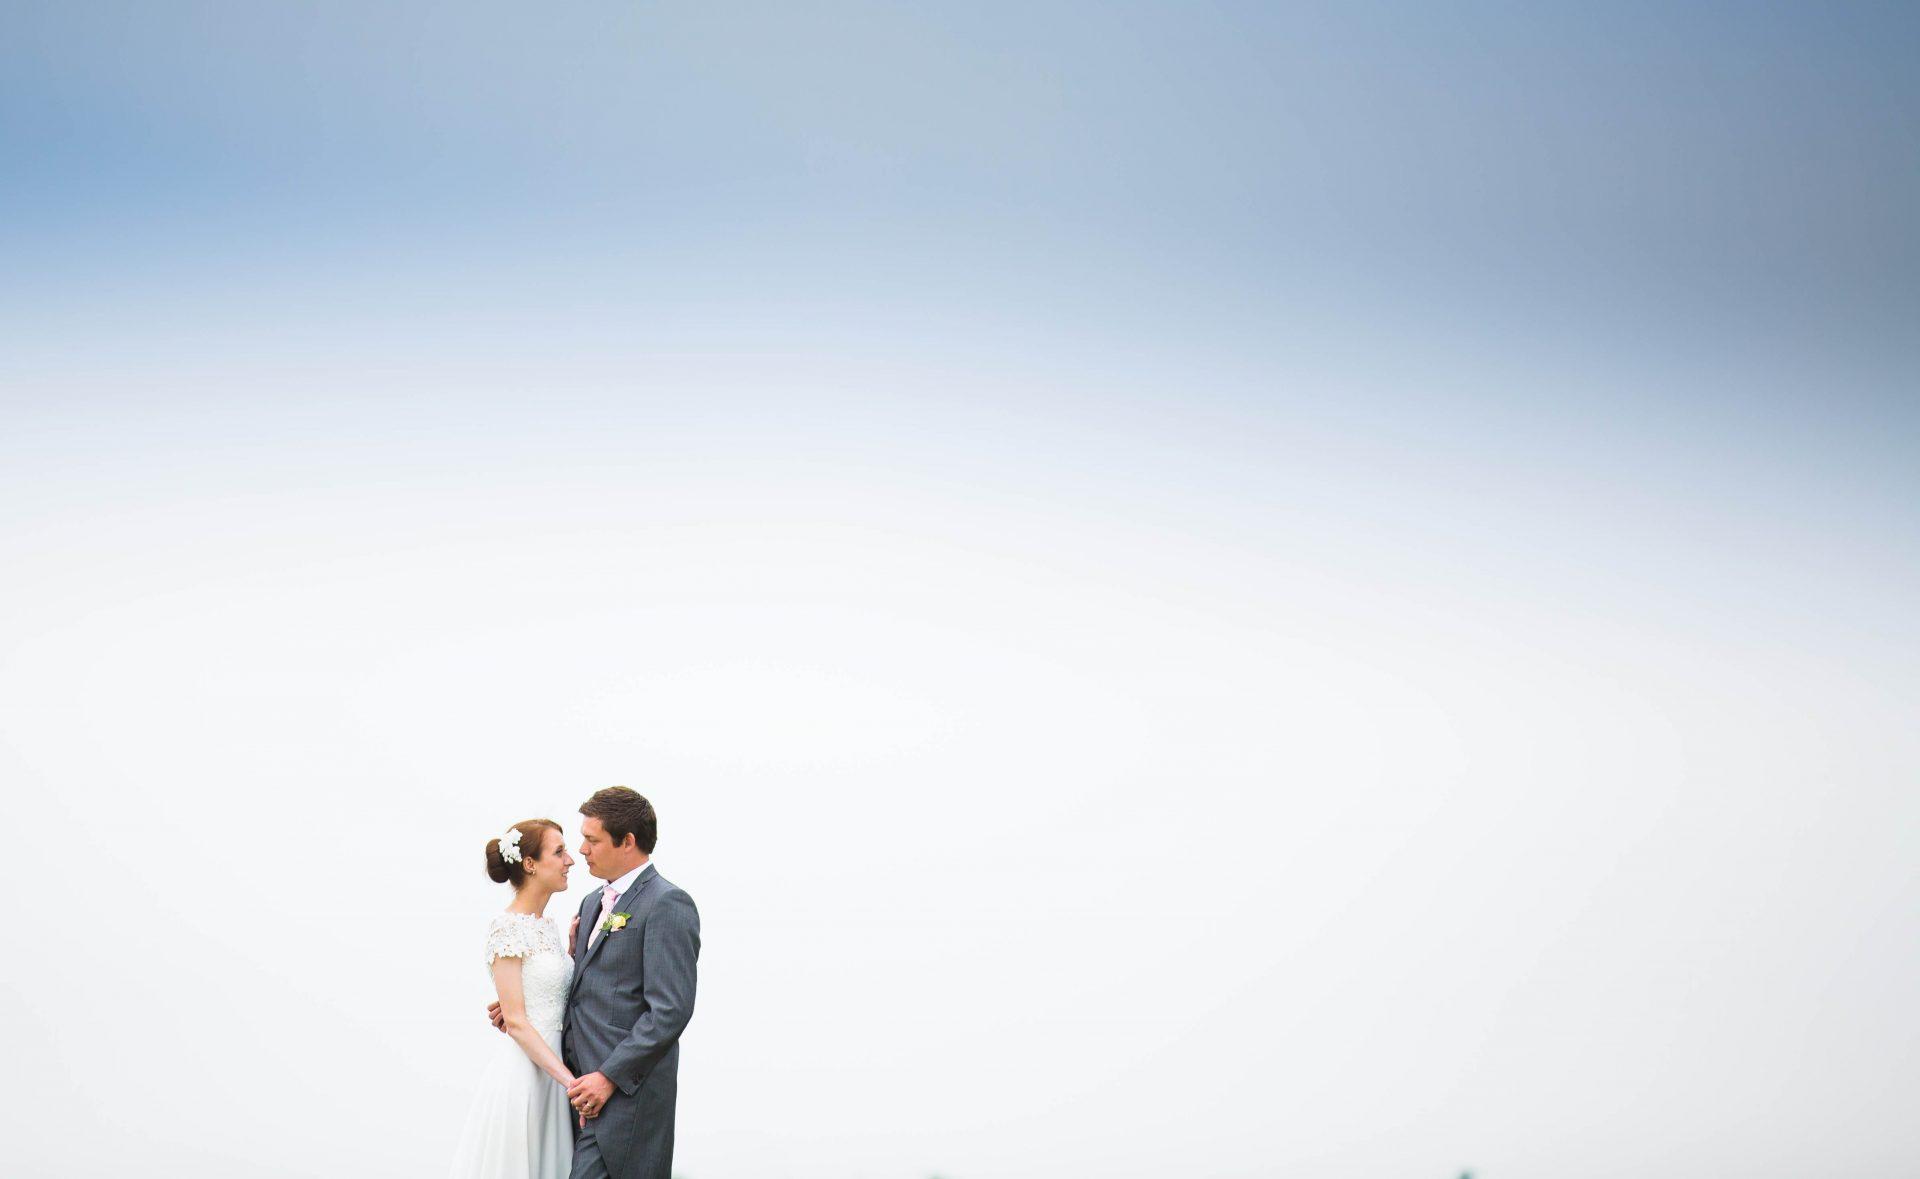 #weddingphotographyinyork